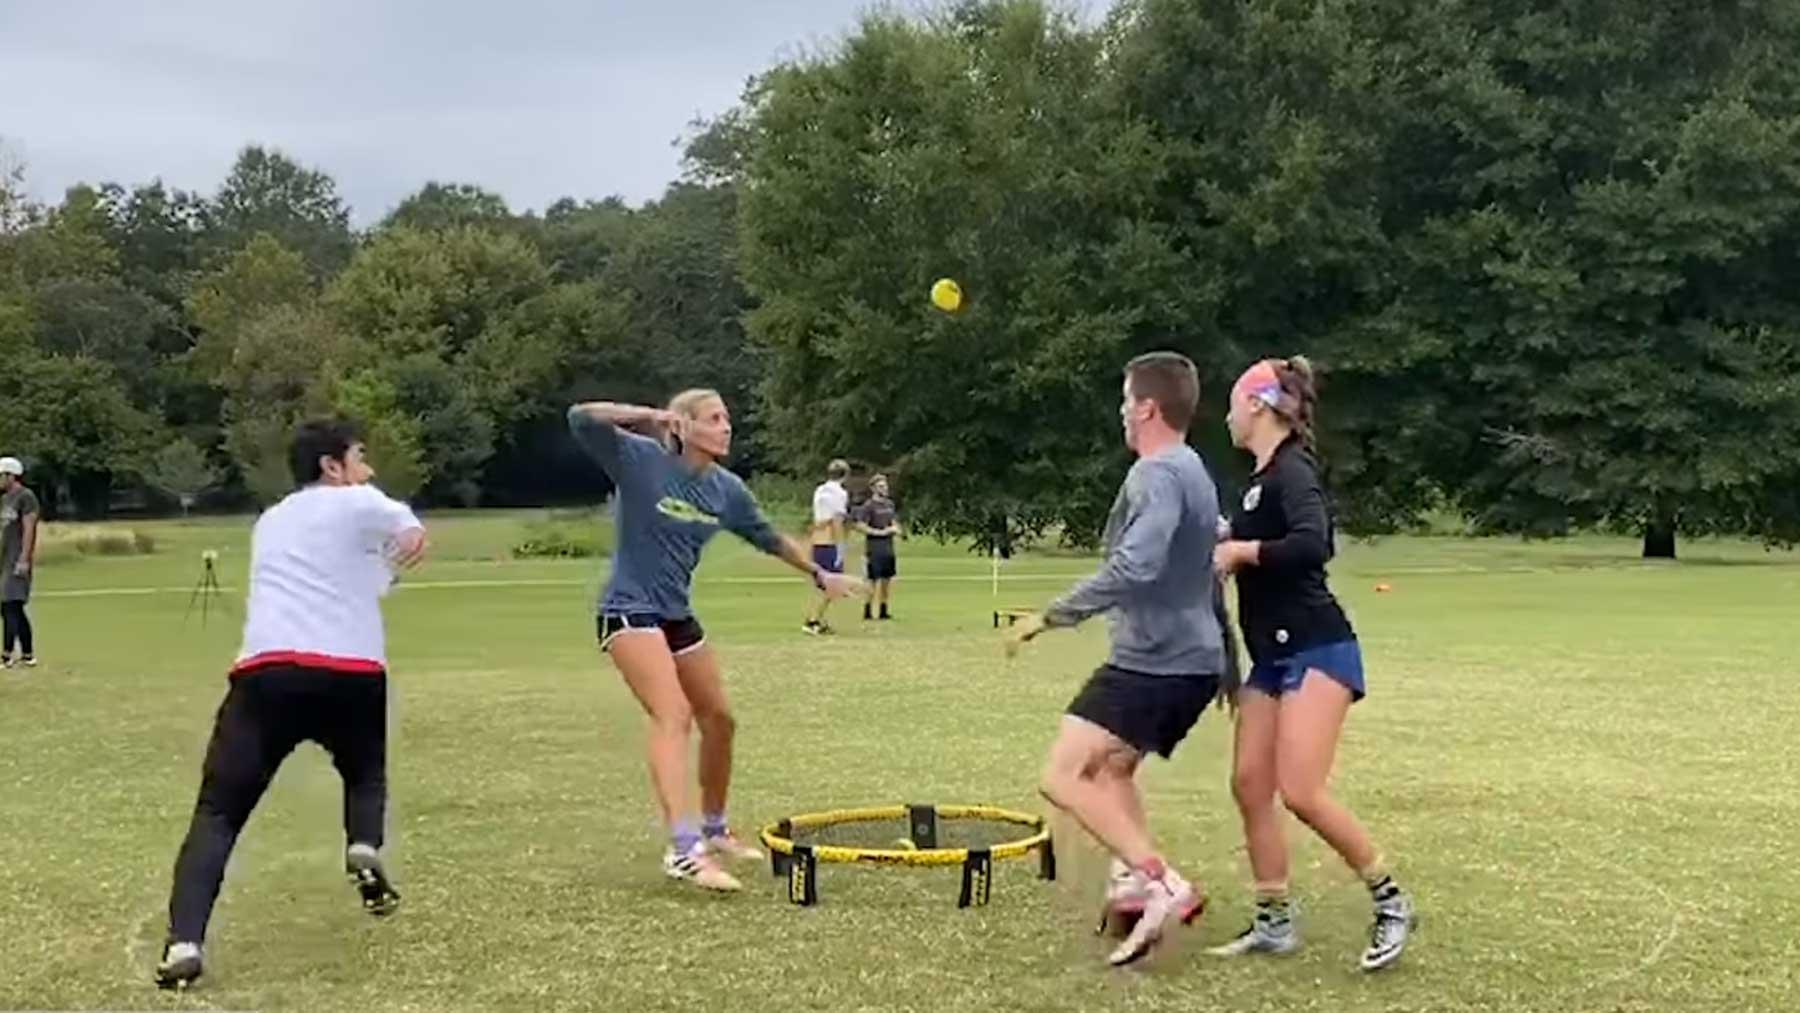 Einige der besten Spikeball-Ballwechsel spikeball-top-plays